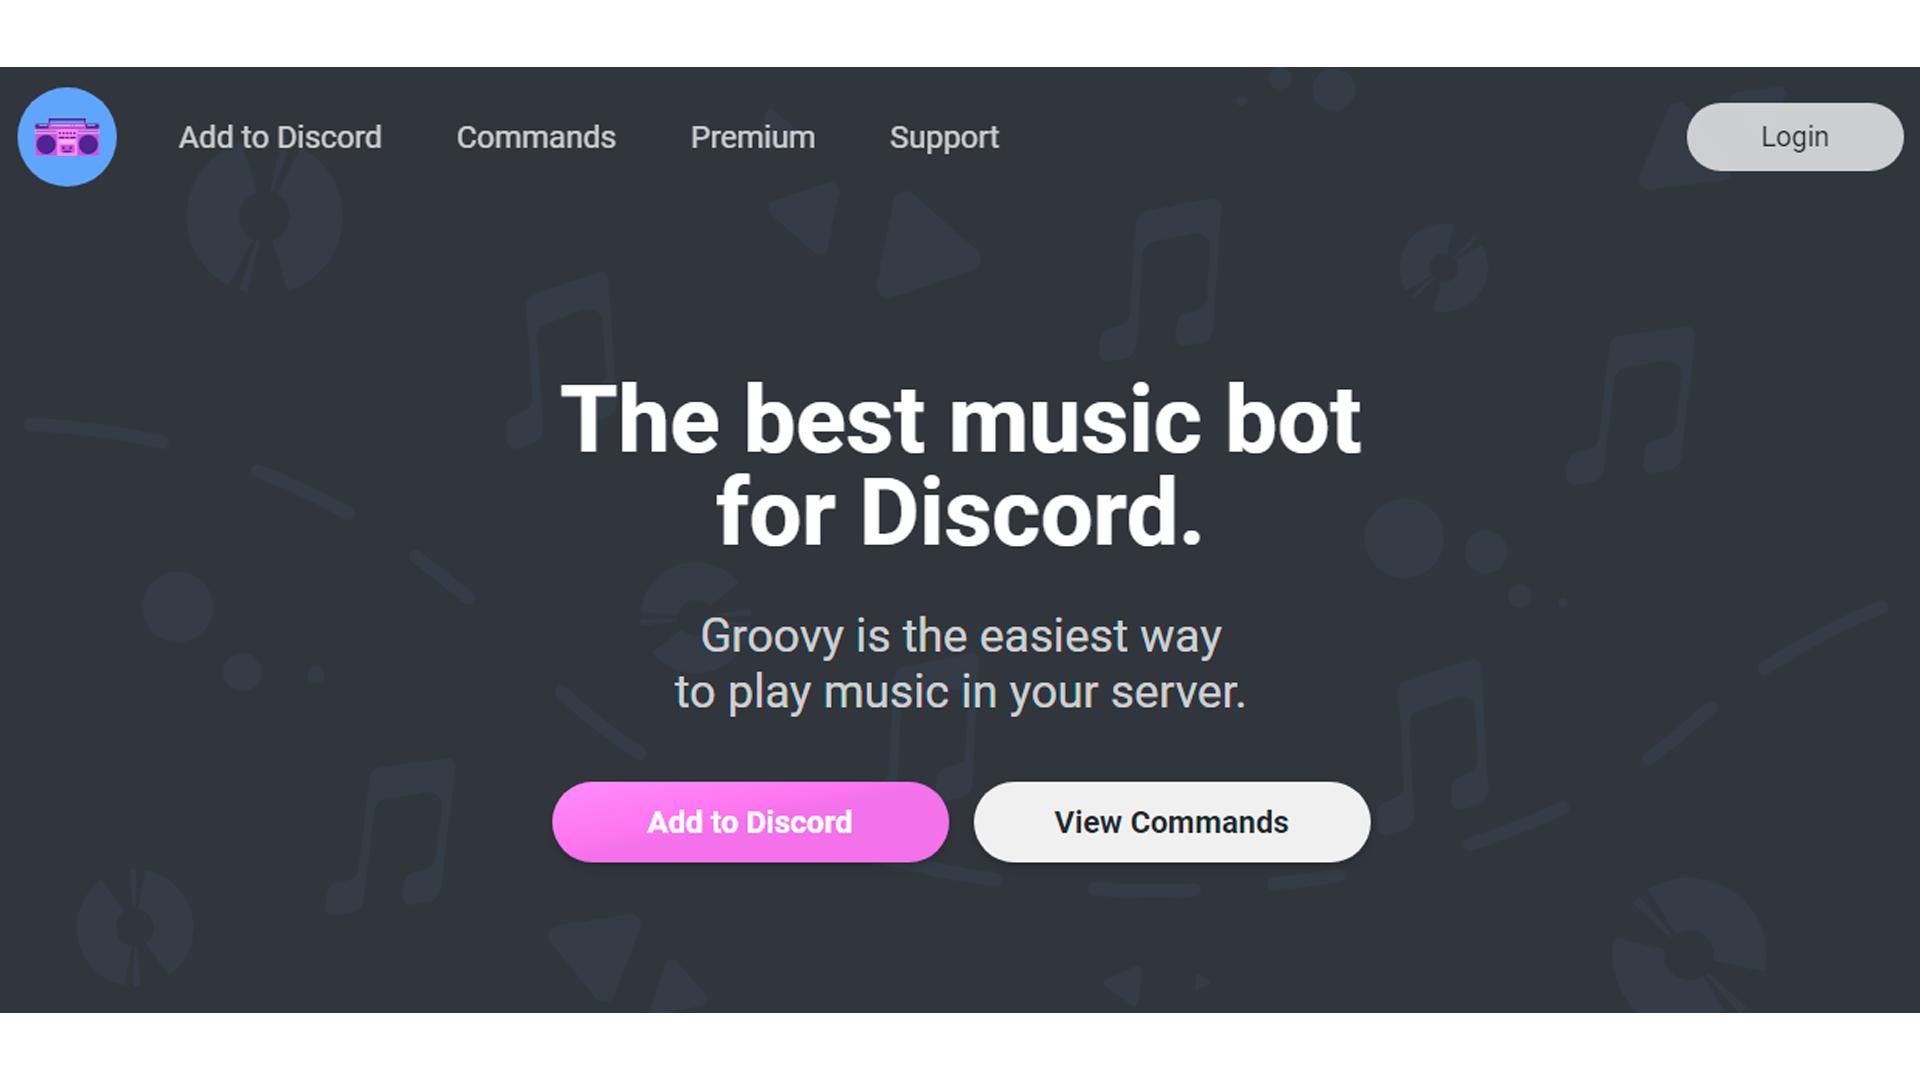 O Groovy bot permite tocar músicas nos servidores do Discord (Foto: Divulgação/Groovy)